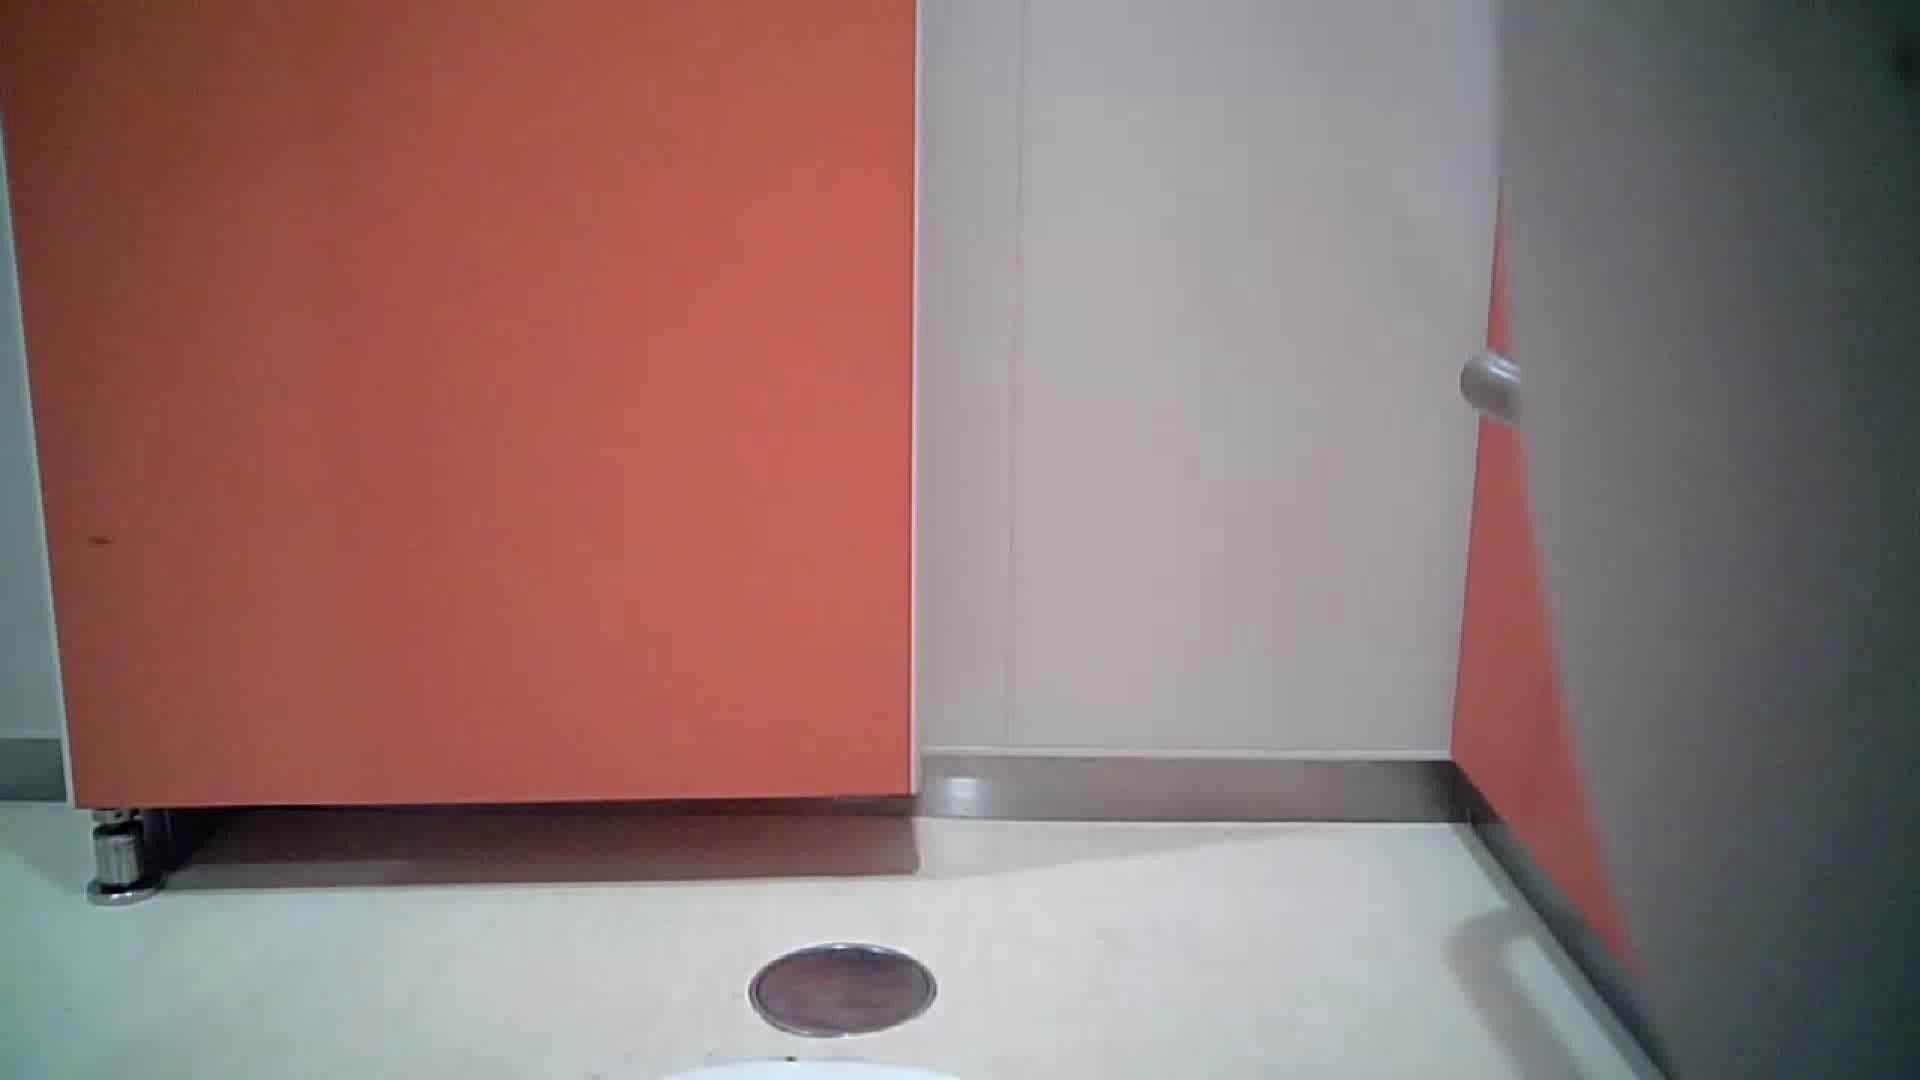 痴態洗面所 Vol.04 上と下の割合が絶妙です。 洗面所着替え | OL  53連発 25